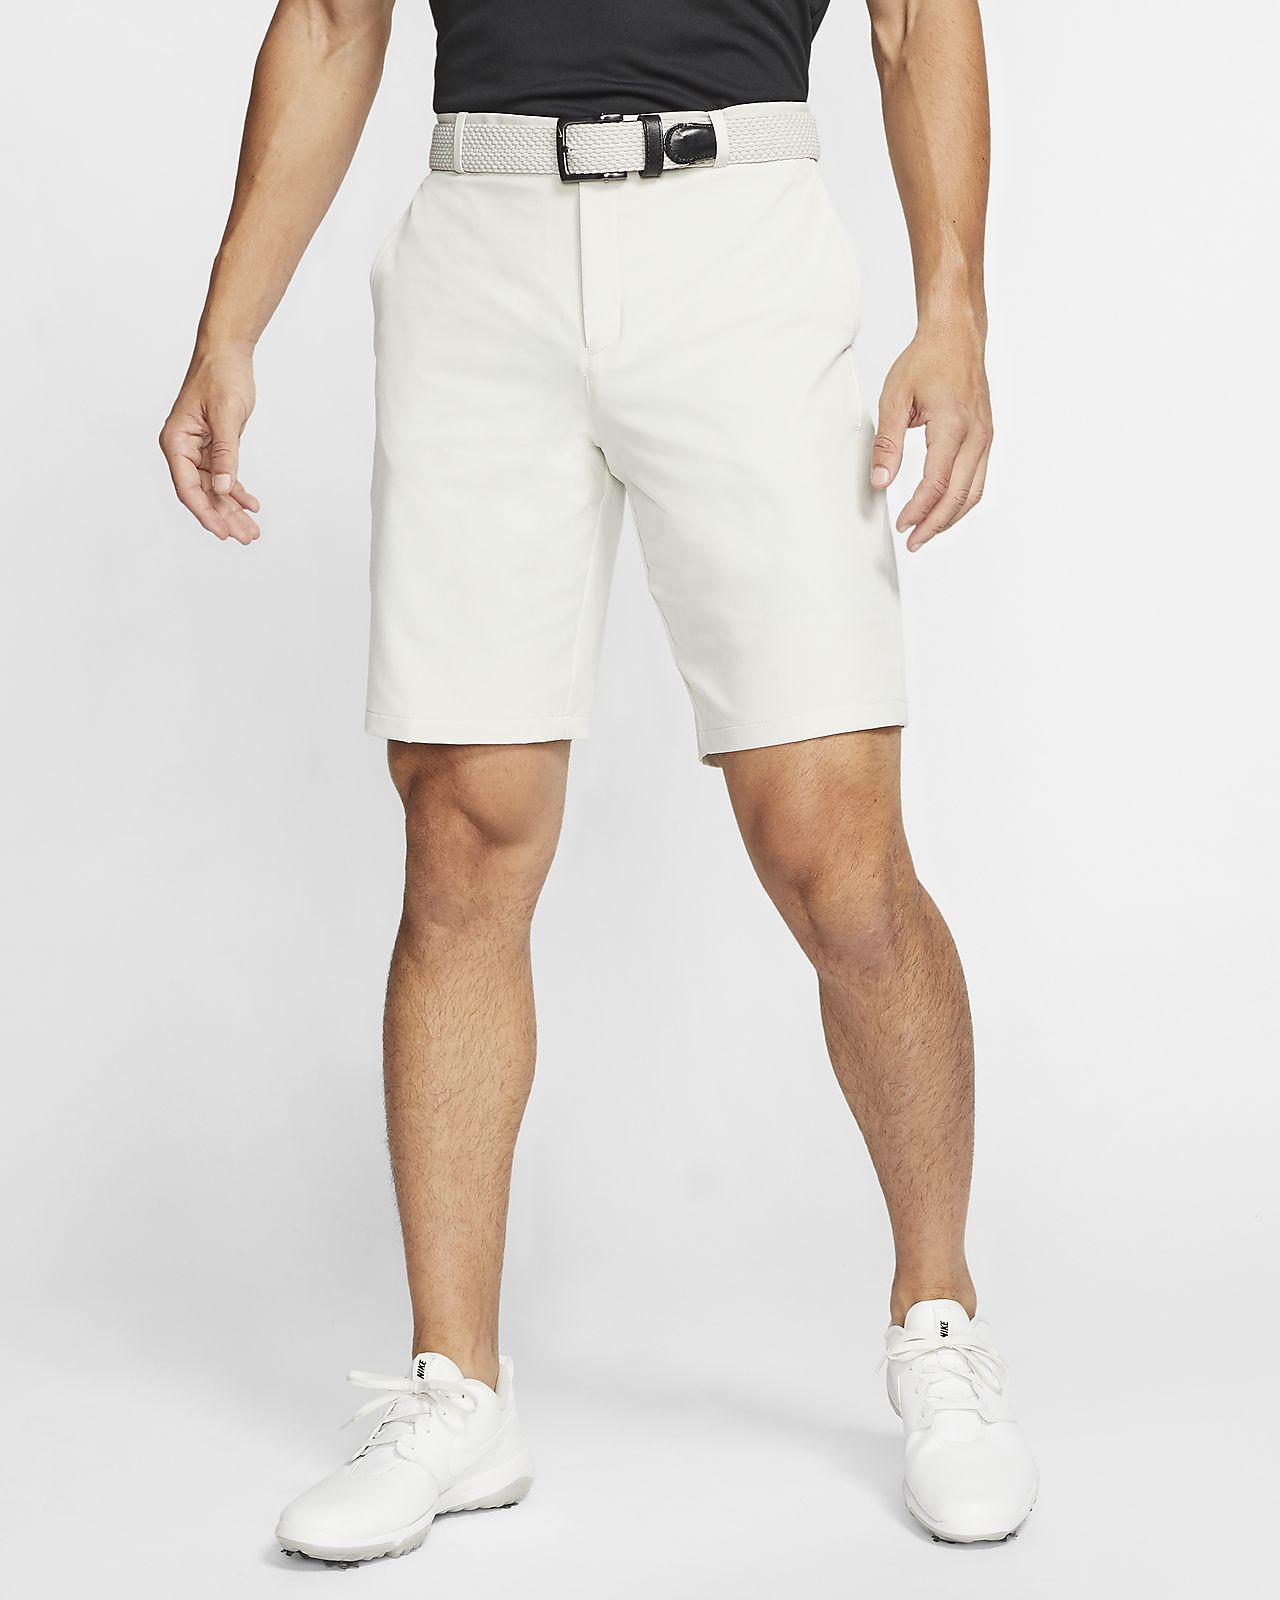 Nike Flex Pantalón corto de golf - Hombre